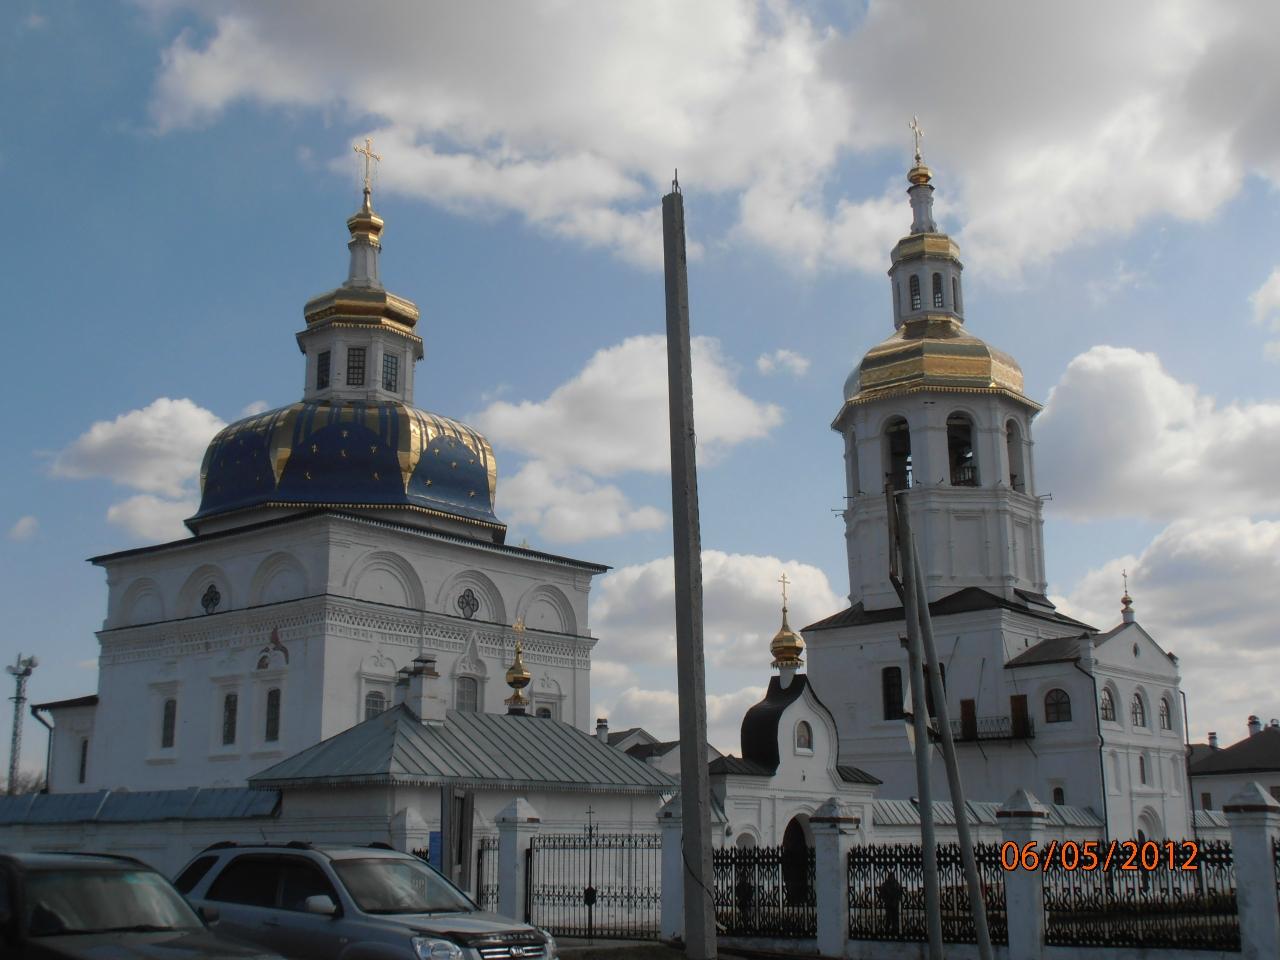 https://img-fotki.yandex.ru/get/6513/122427559.73/0_ada8e_407cf946_orig